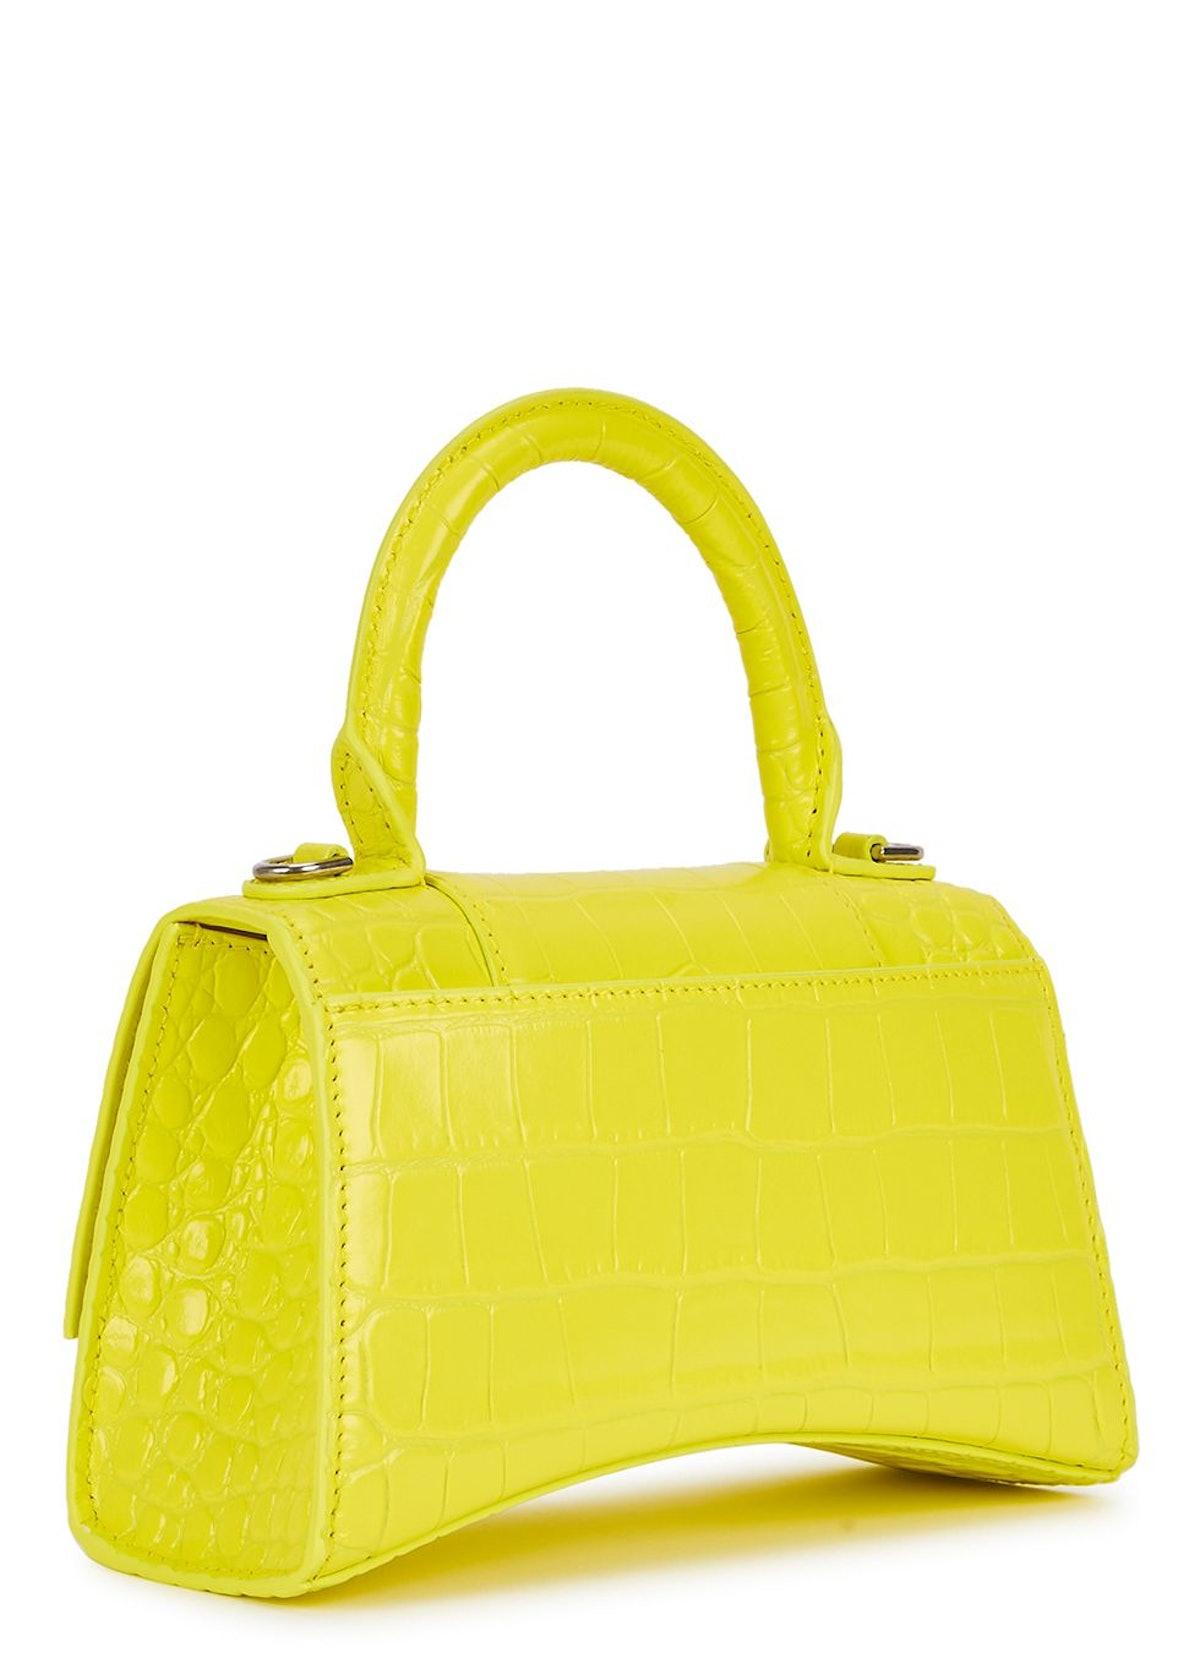 Hourglass XS crocodile-effect top handle bag: image 1